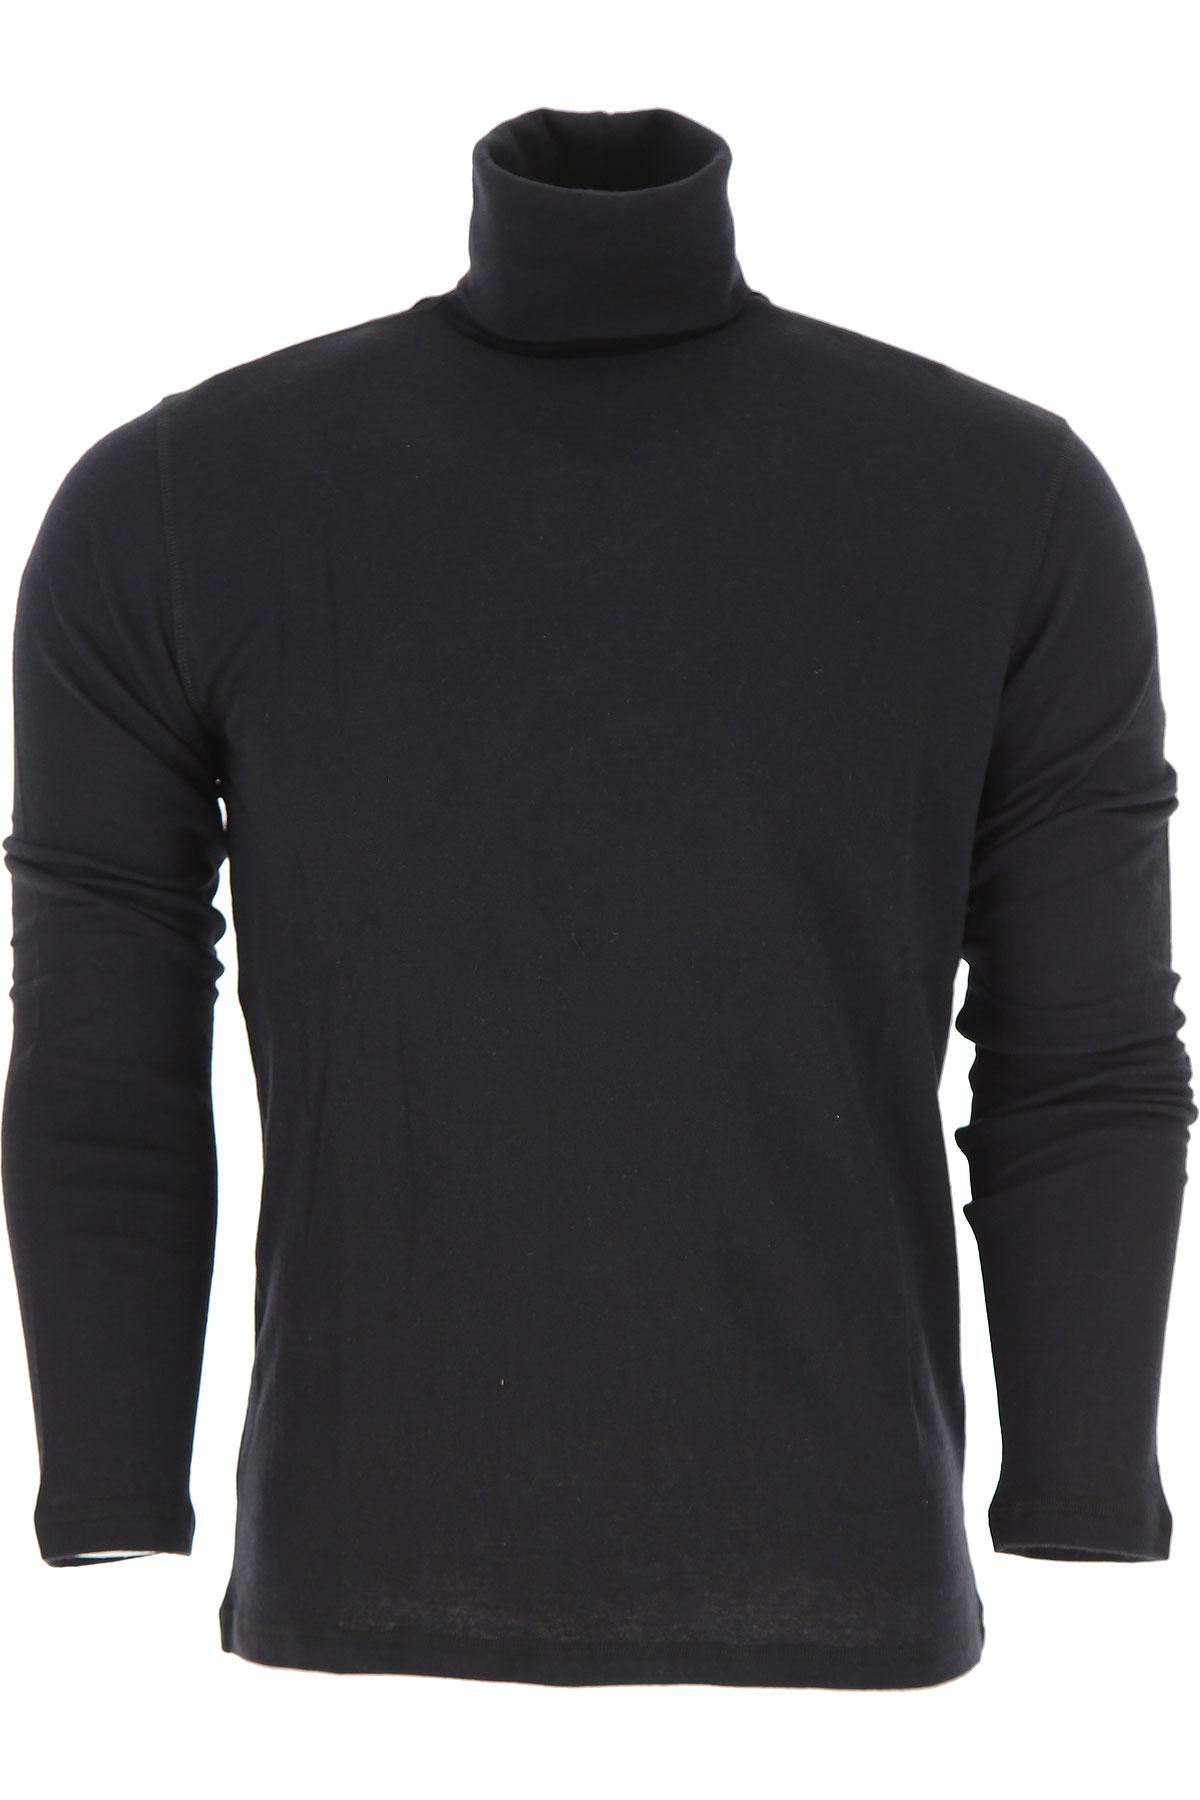 Image of Majestic Filatures T-Shirt for Men, Black, Cotton, 2017, L M S XL